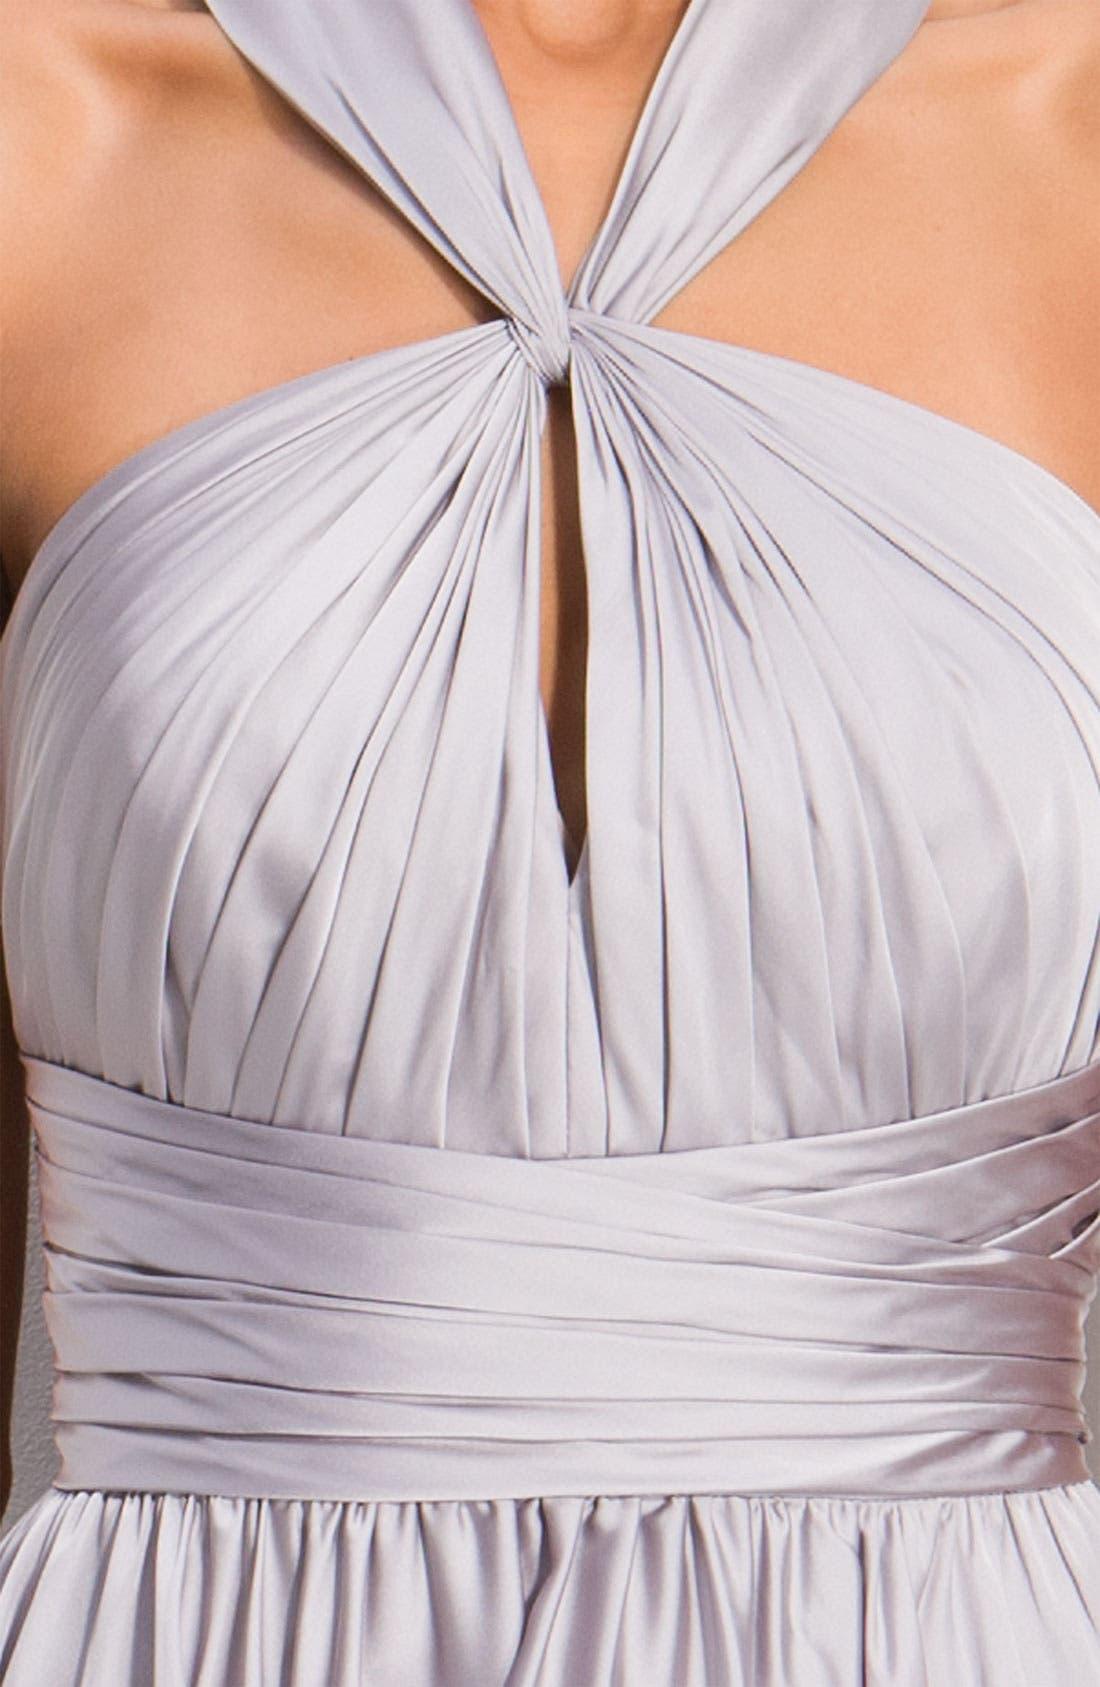 Alternate Image 3  - ML Monique Lhuillier Bridesmaids Twist Front Charmeuse Dress (Nordstrom Exclusive)